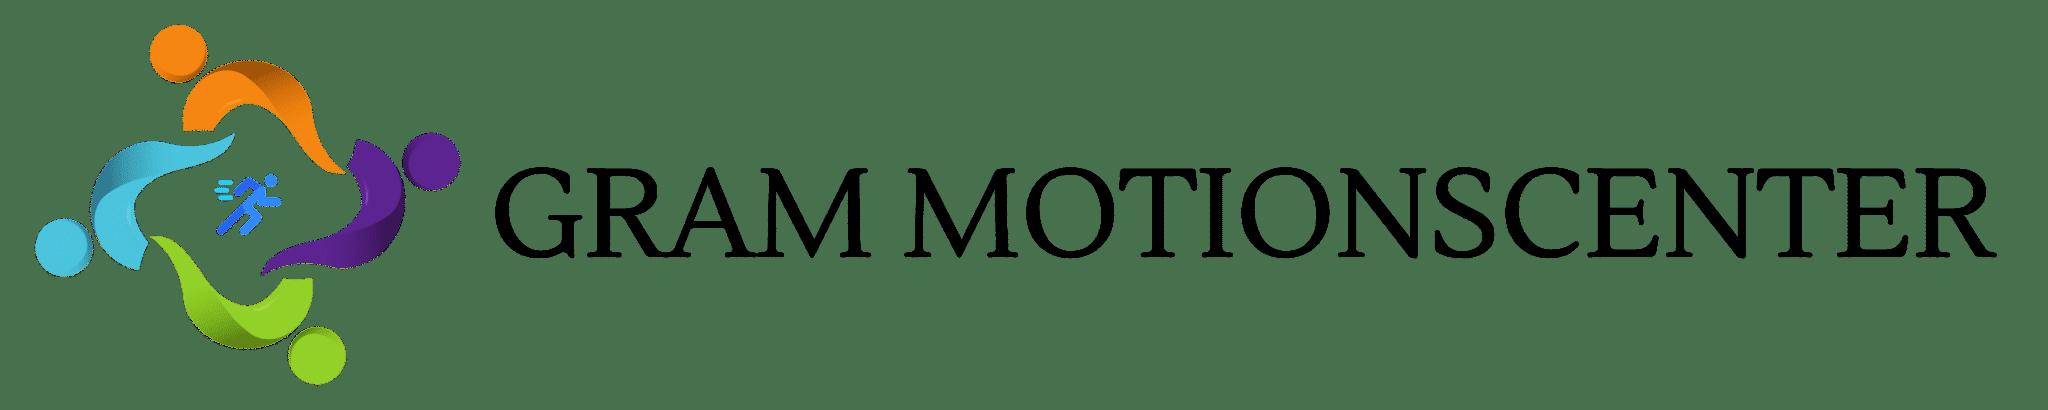 Gram Motionscenter